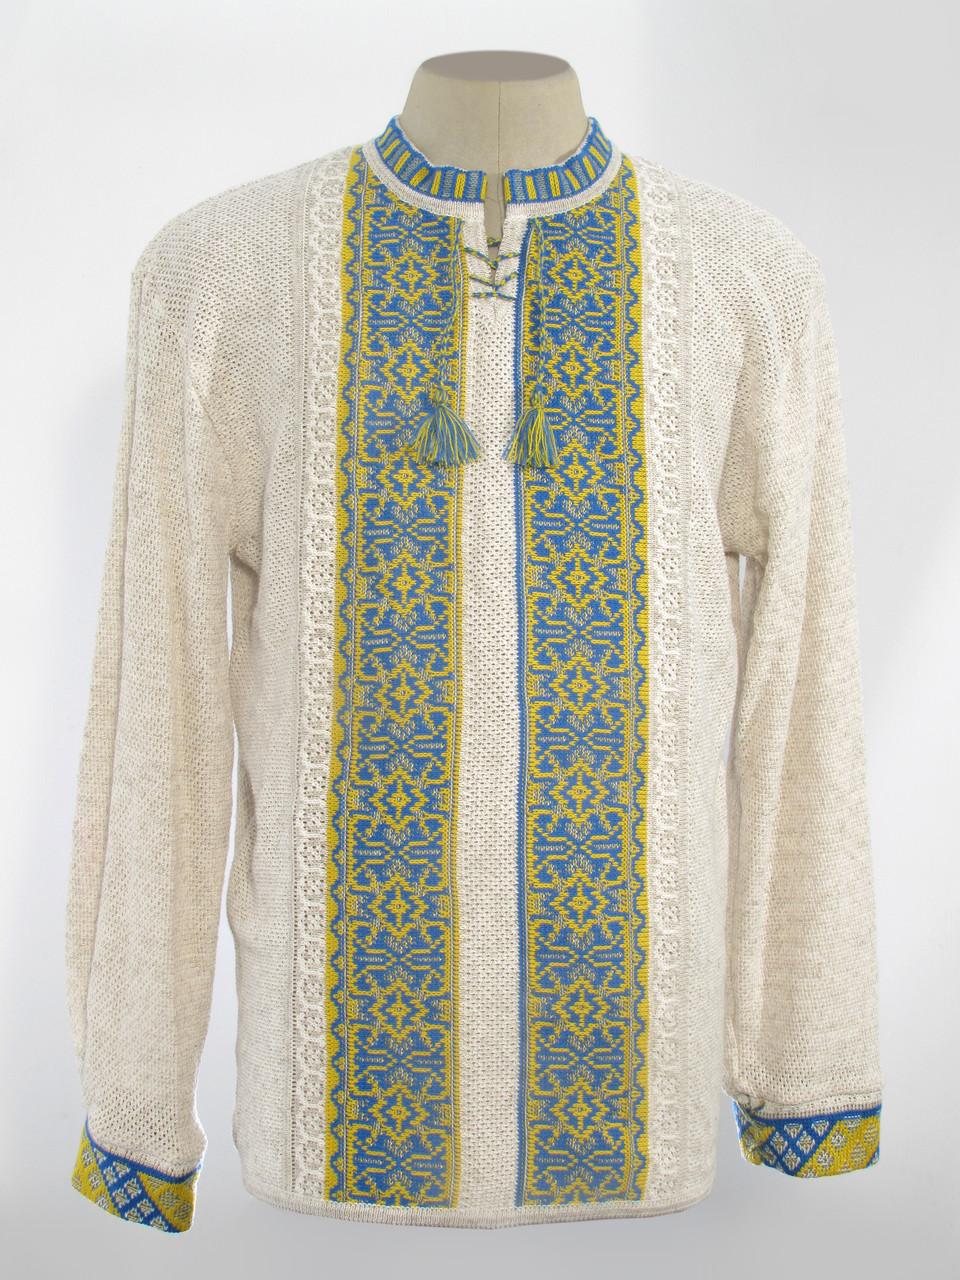 Купити вишиванку чоловічу з жовто-синім візерунком 0231 I Uzoramur 66dcf30772d38